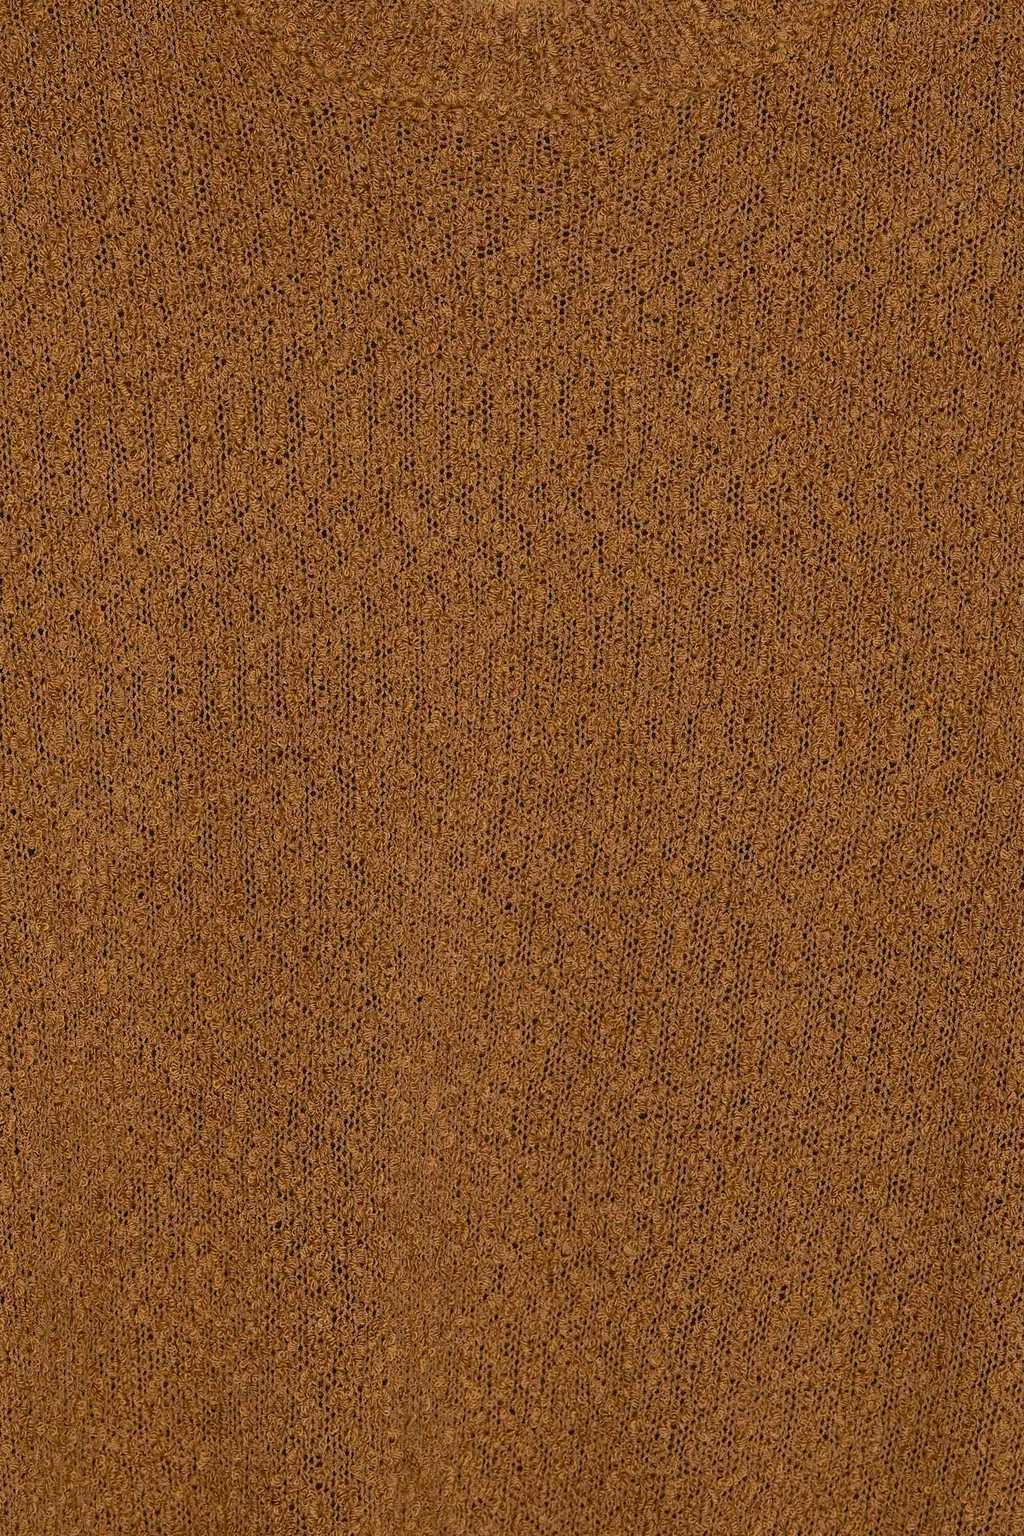 Sweater 3212 Tan 12